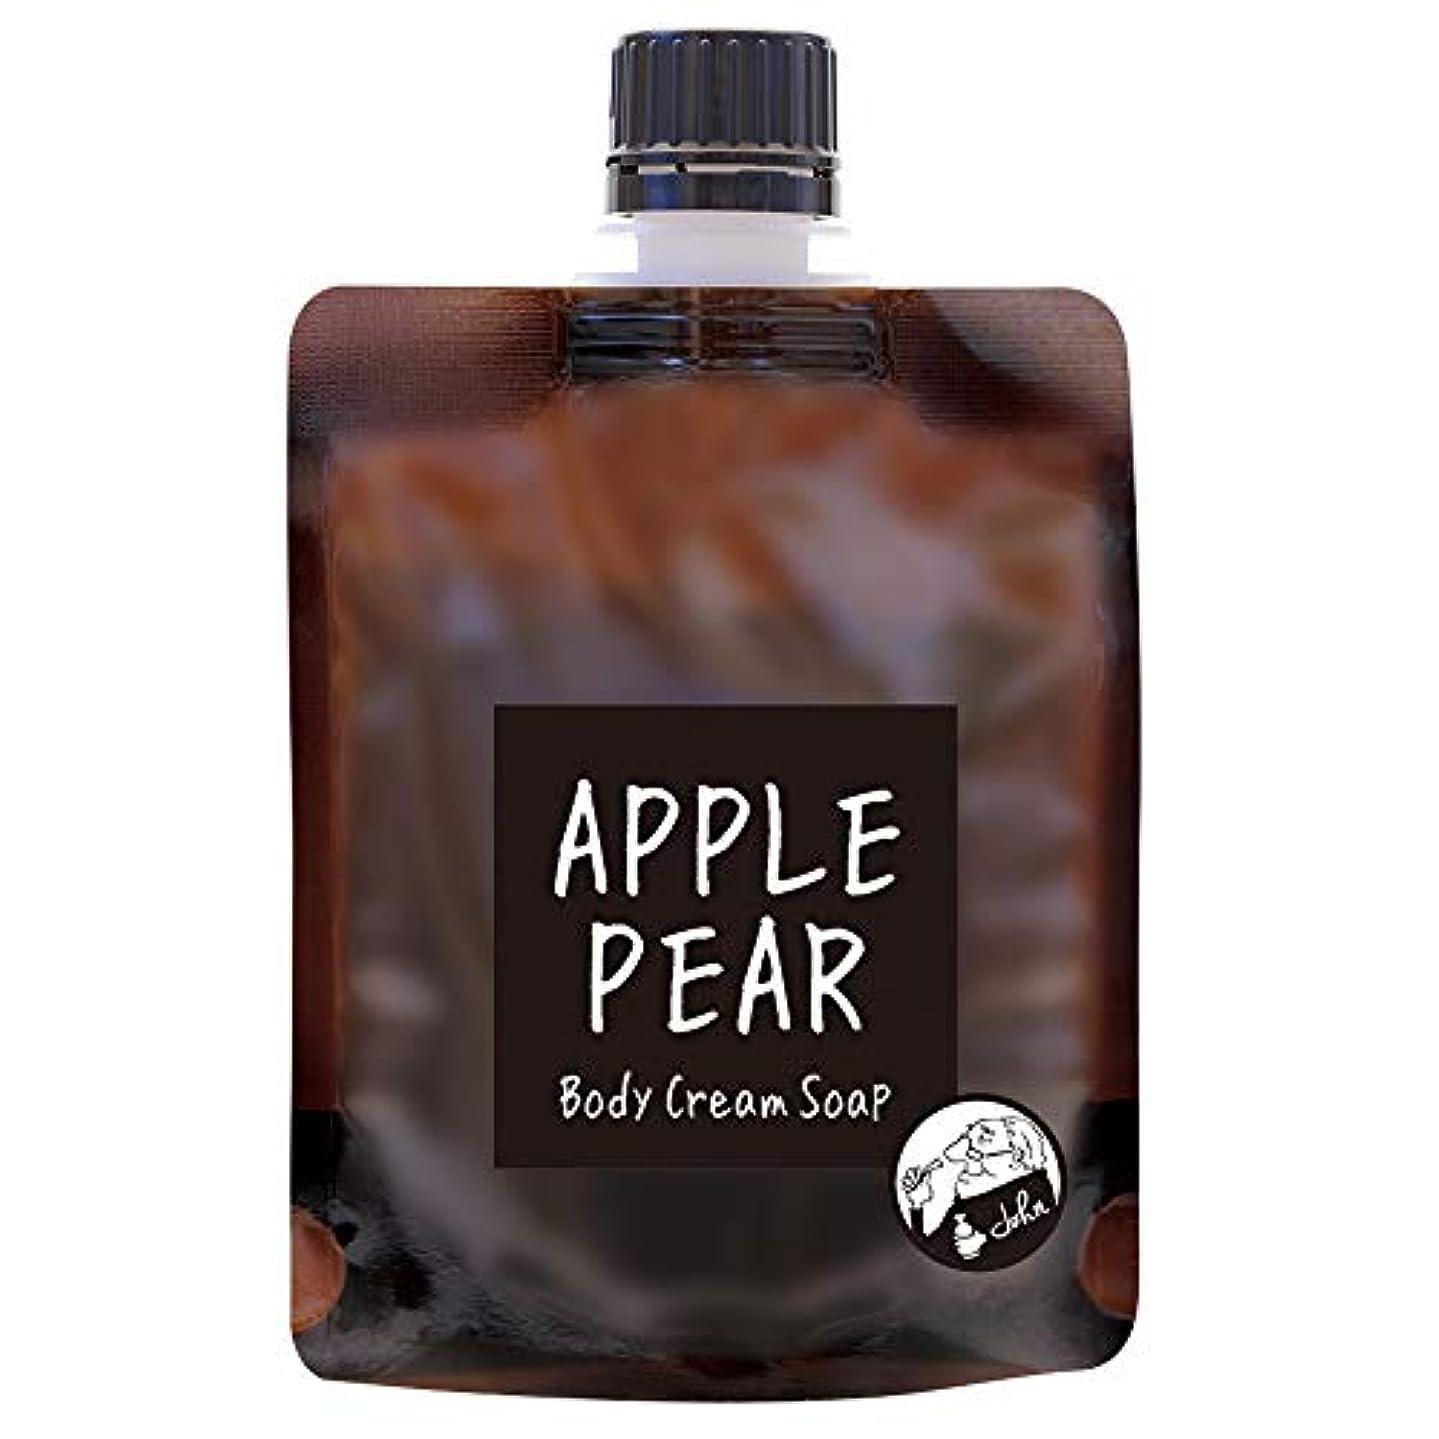 ジョットディボンドンほのか宅配便ノルコーポレーション John's Blend ボディクリームソープ 保湿成分配合 OA-JON-19-4 ボディソープ アップルペアーの香り 100g